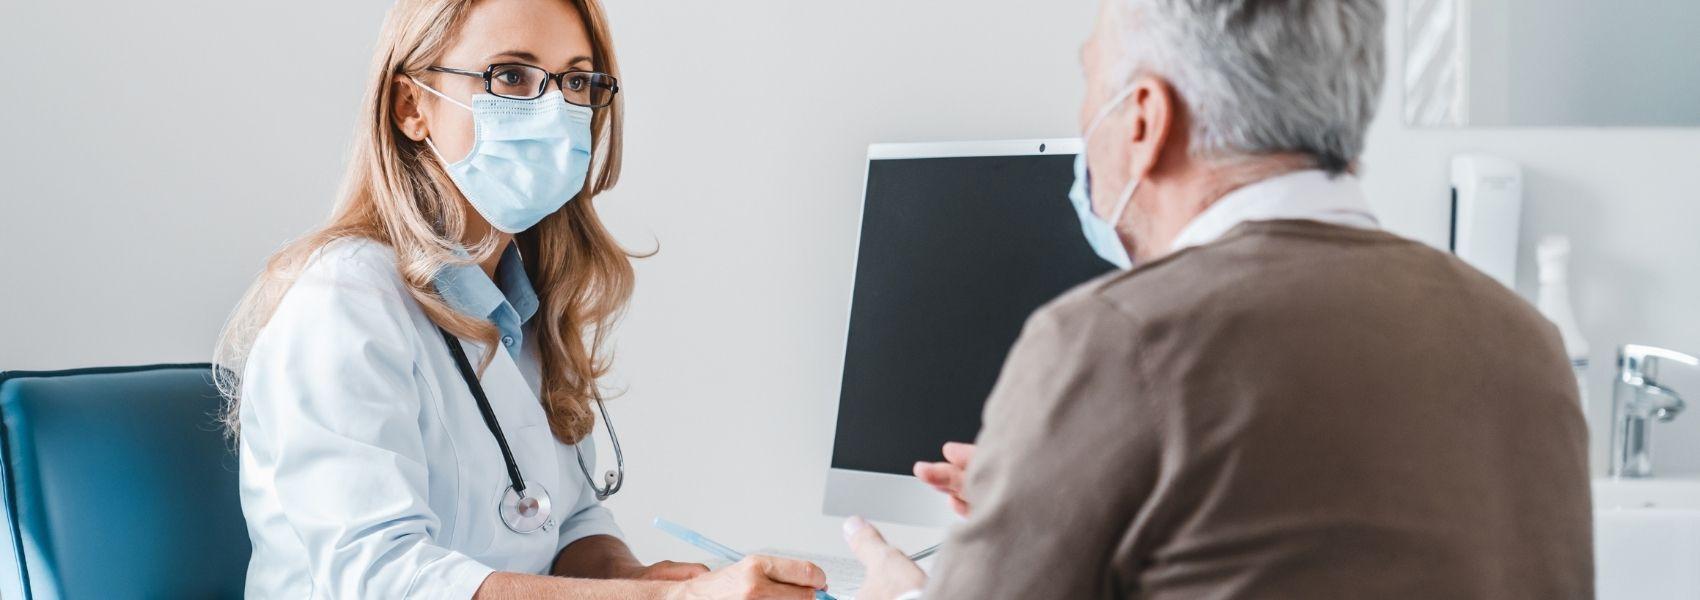 Menos 46% de consultas presenciais no primeiro ano de pandemia